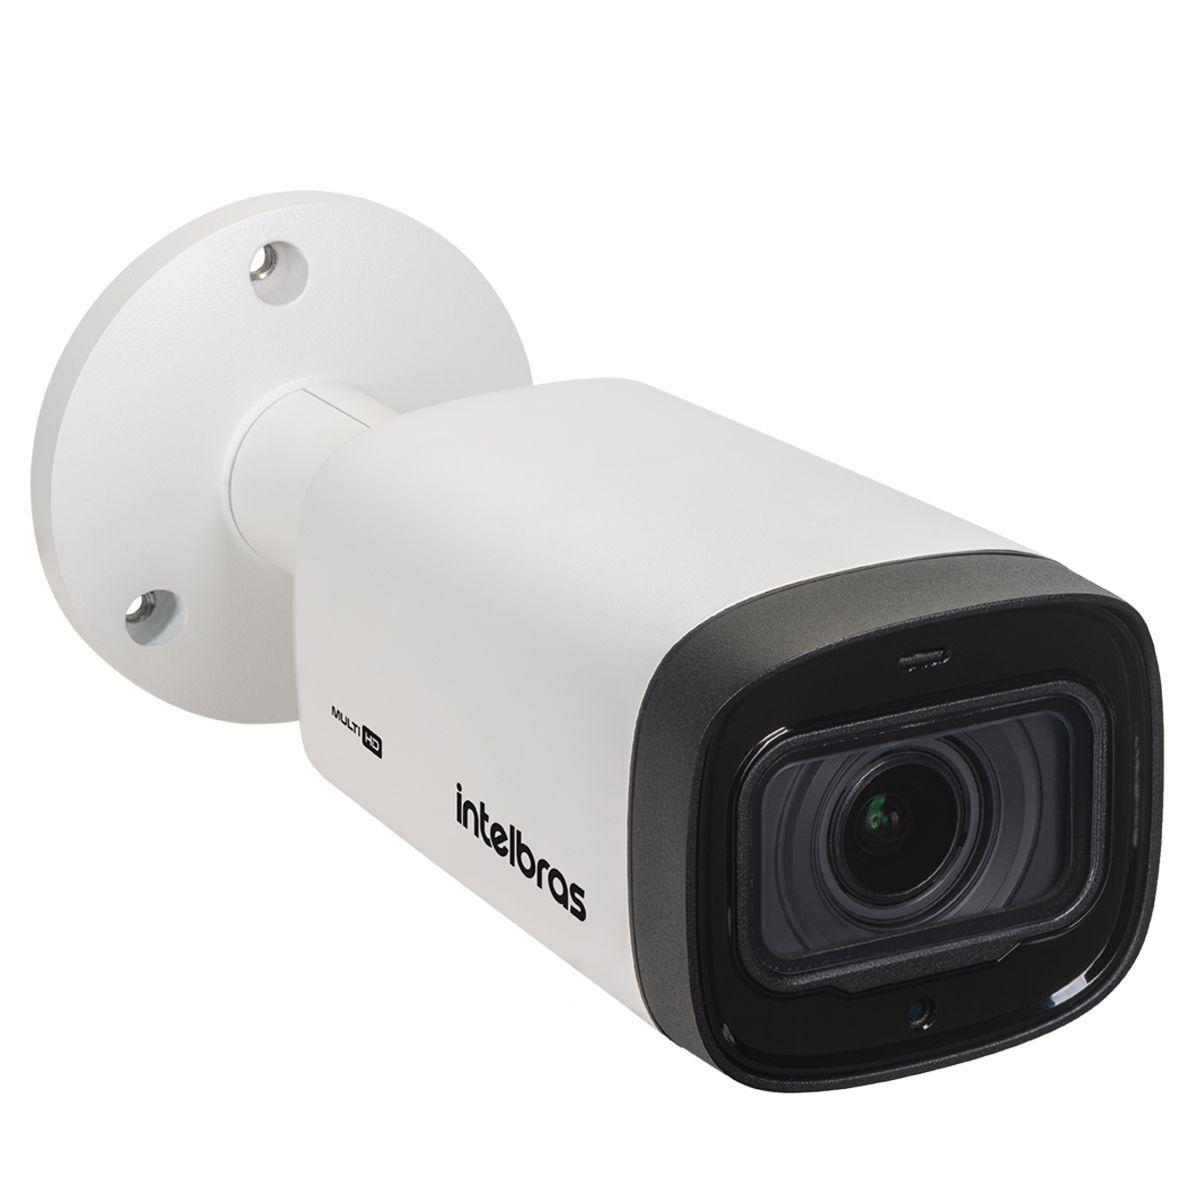 camera-intelbras-hd-720p-varifocal-vhd-3140-vf-g5-com-visao-noturna-40m-bullet-resistente-a-chuva-ip66